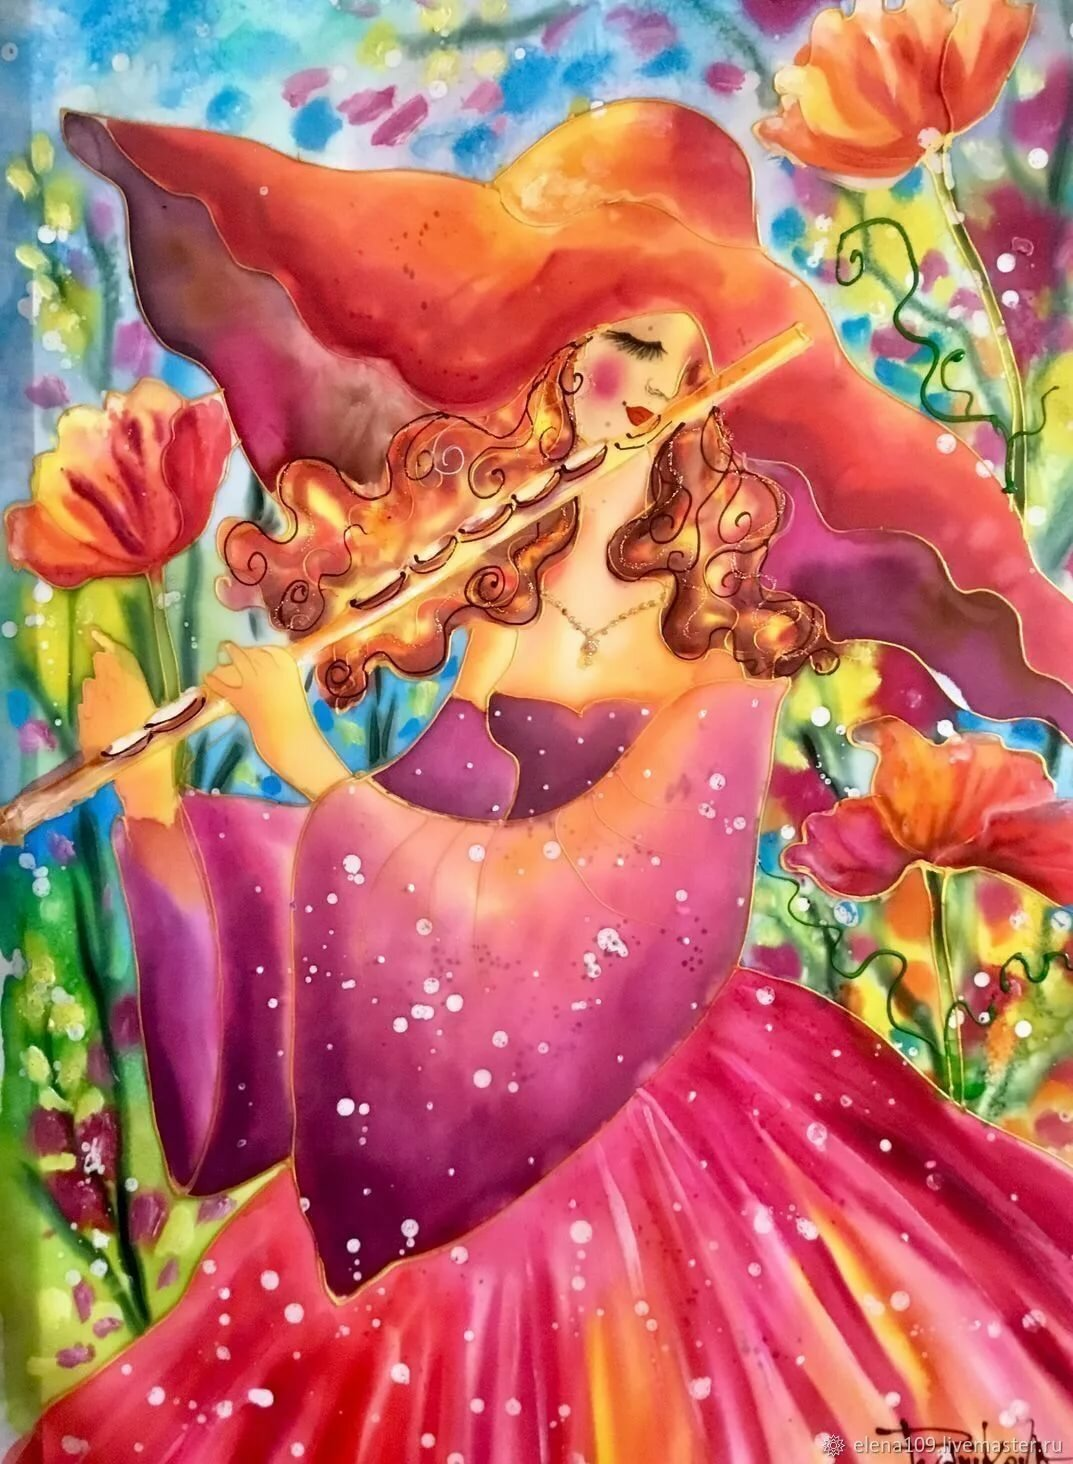 Картинка феи музыки для детей